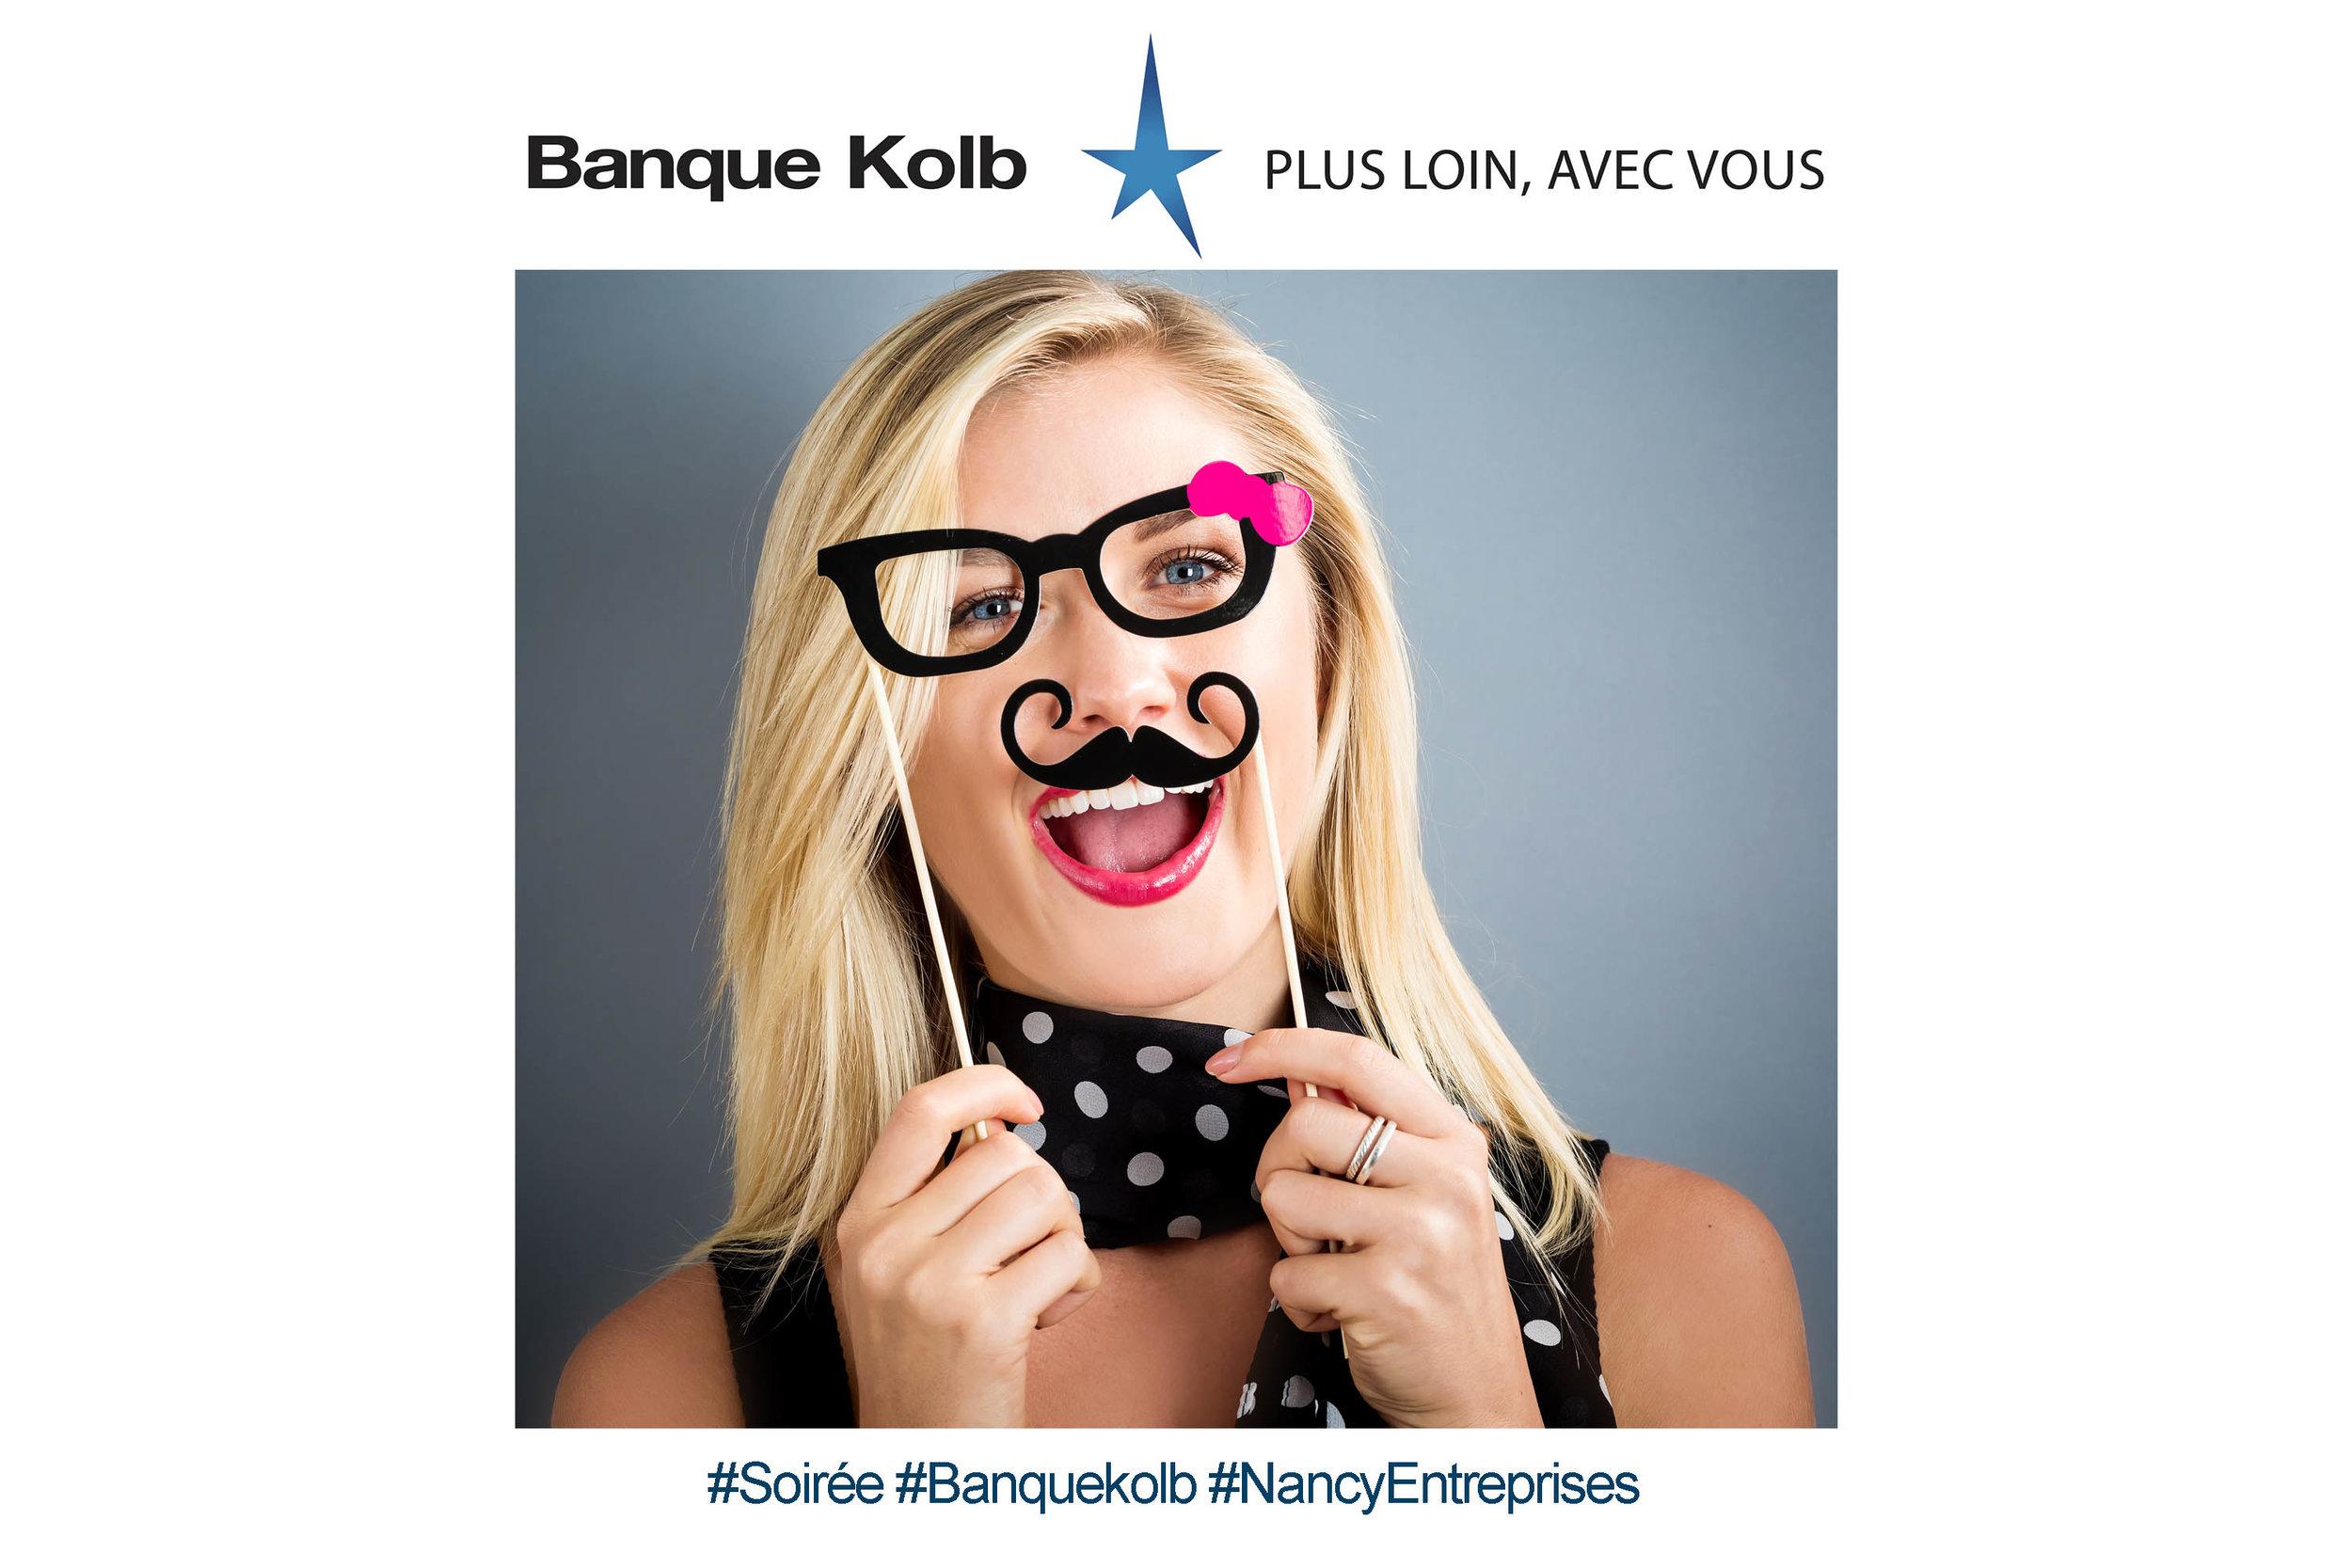 Banque Kolb cadre.jpg